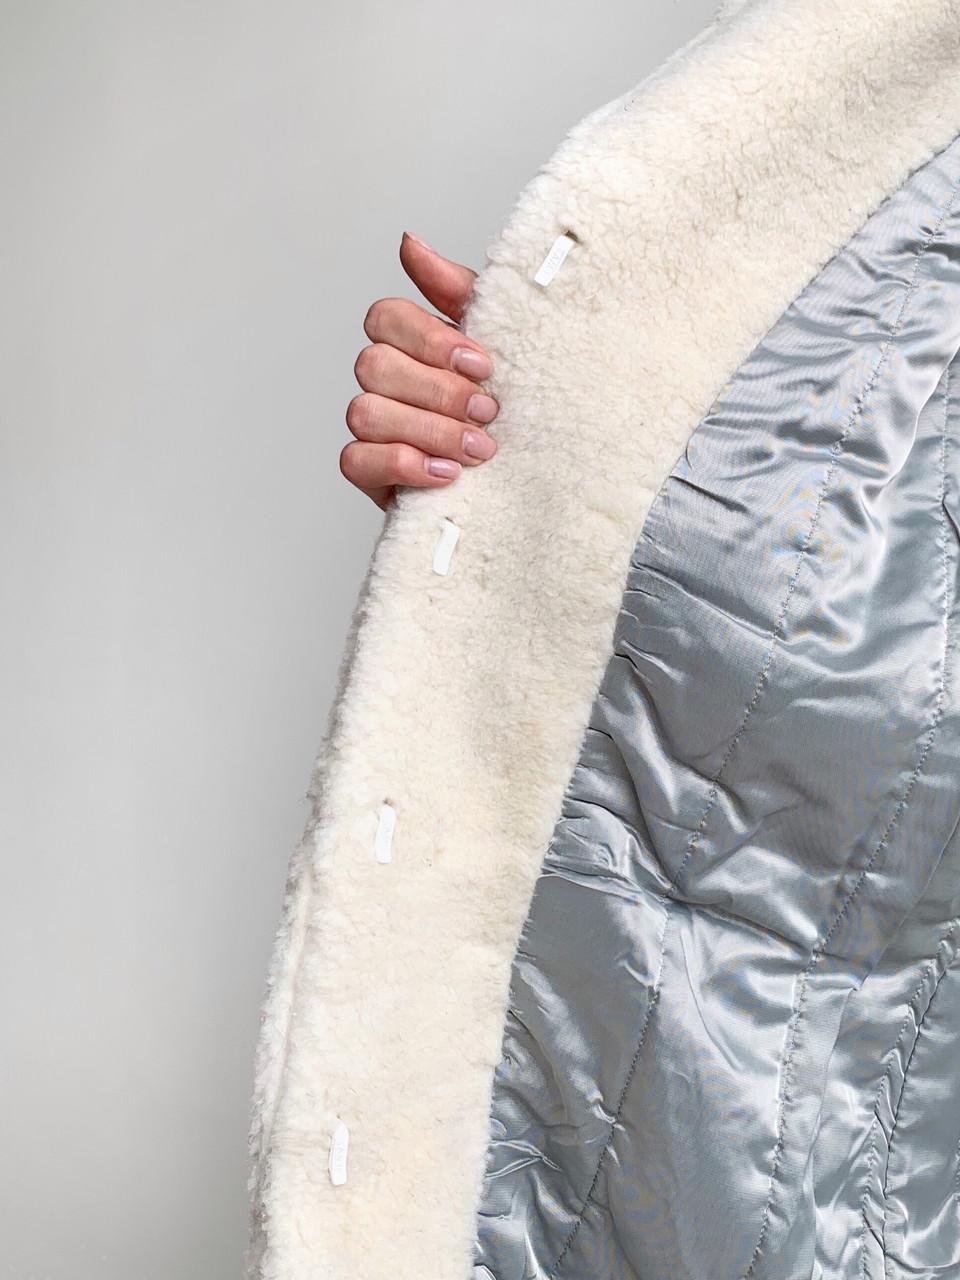 Шуба из натуральной стриженой овечьей шерсти длина 110 см, прорезные карманы, молочный цвет - фото 2